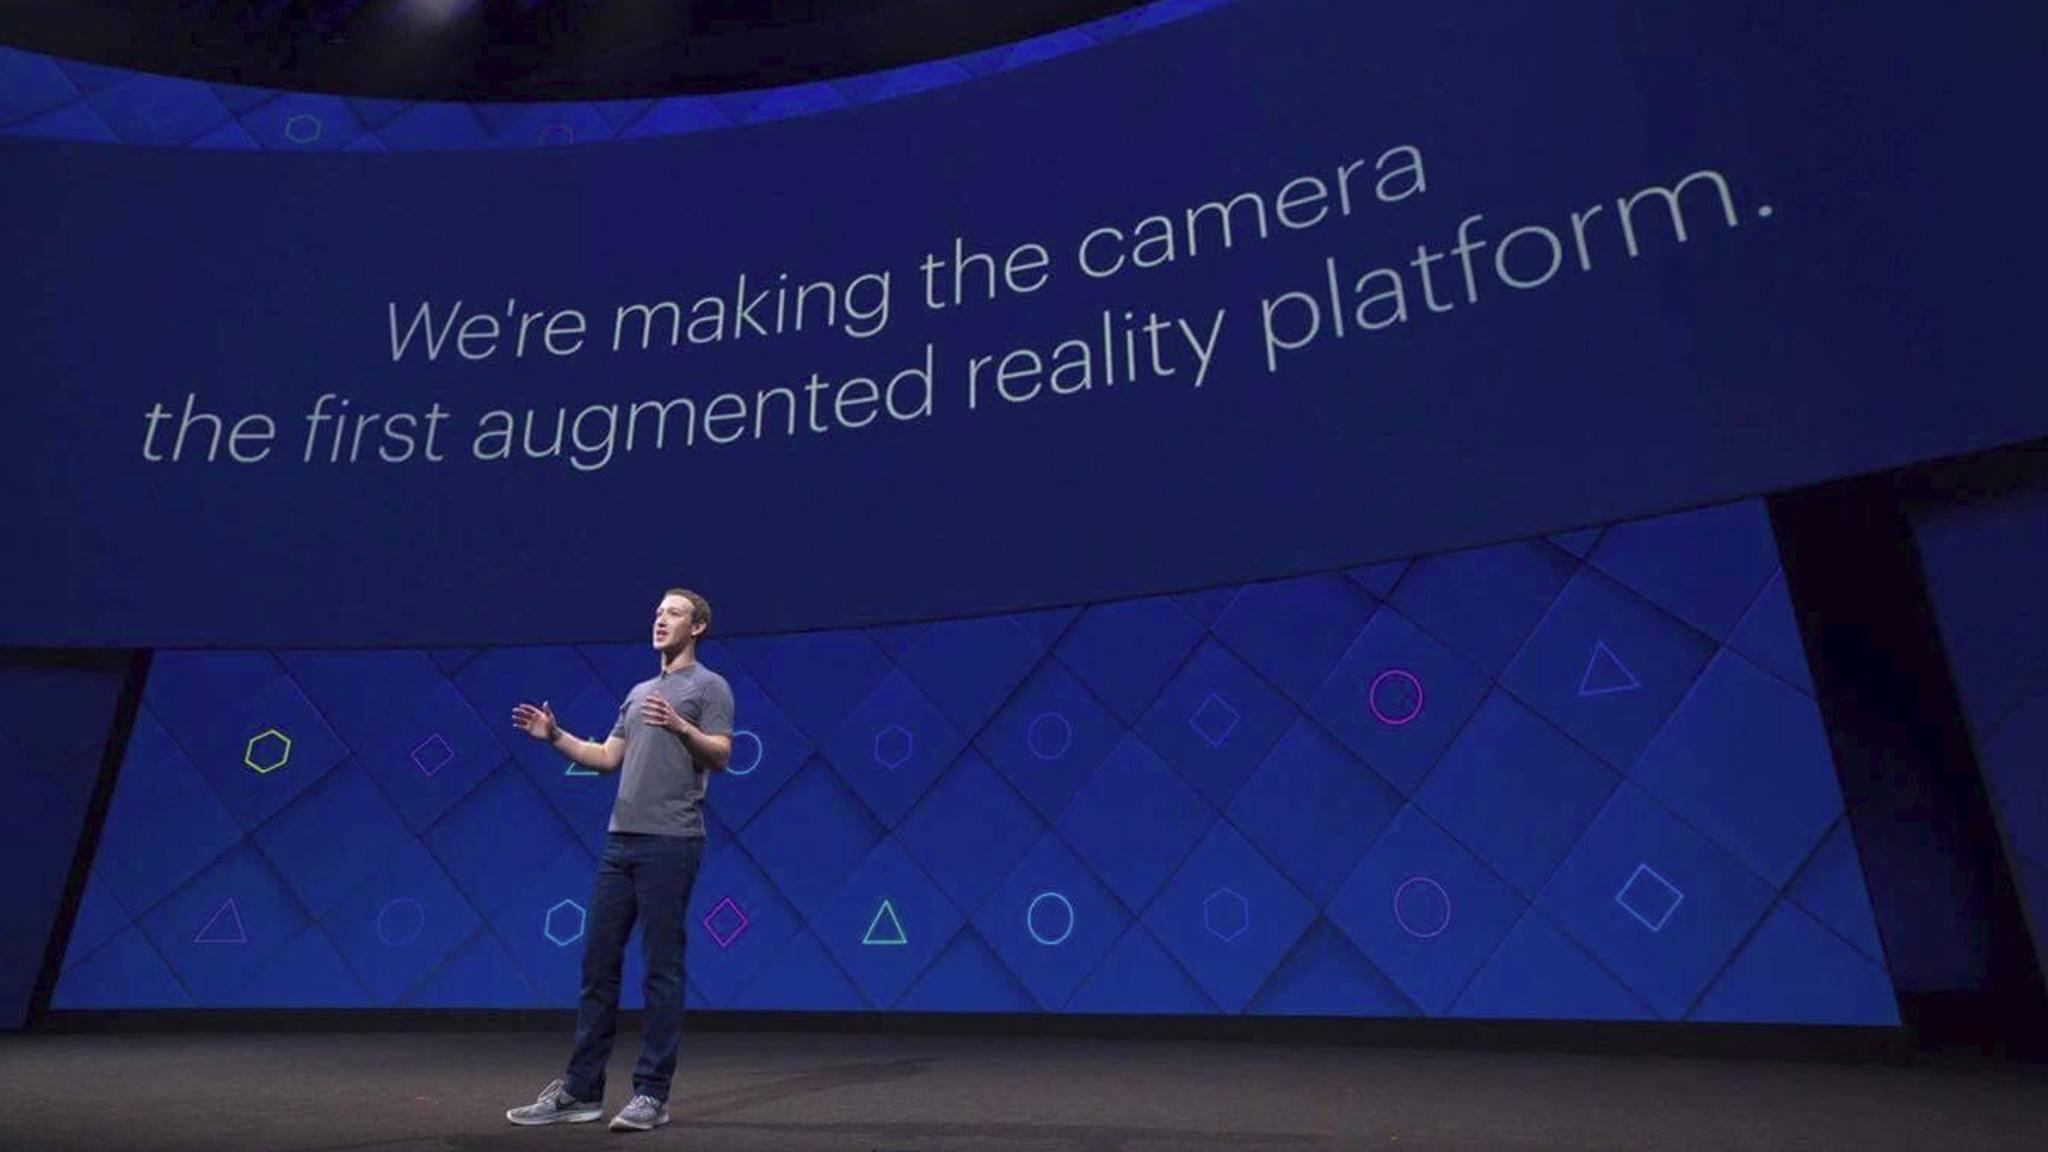 Auf der F8-Entwicklerkonferenz kündigte Mark Zuckerberg einige Neuheiten für Facebook und den Messenger an.